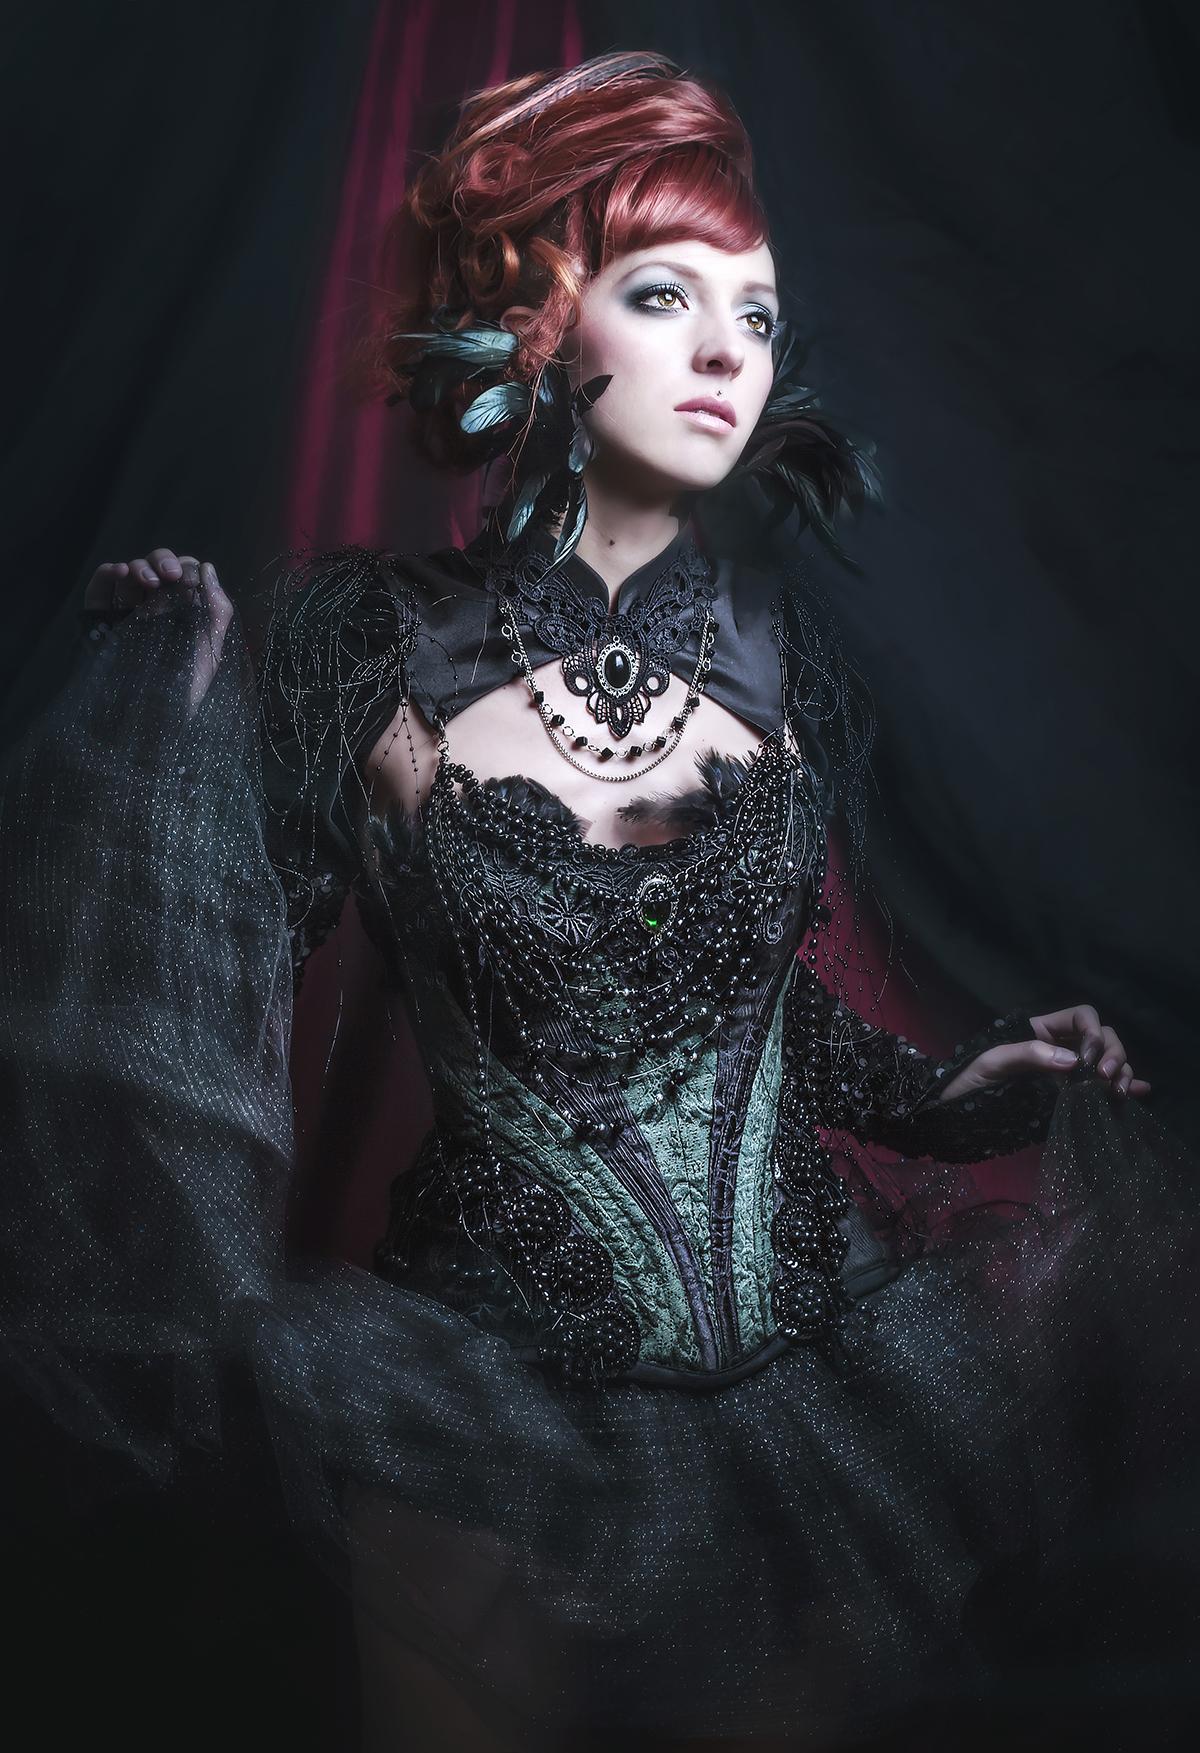 Laetitia Orsini - Marion - hair Vincent Morin - makeup Laetitia Quillery - stylist Manon Verret